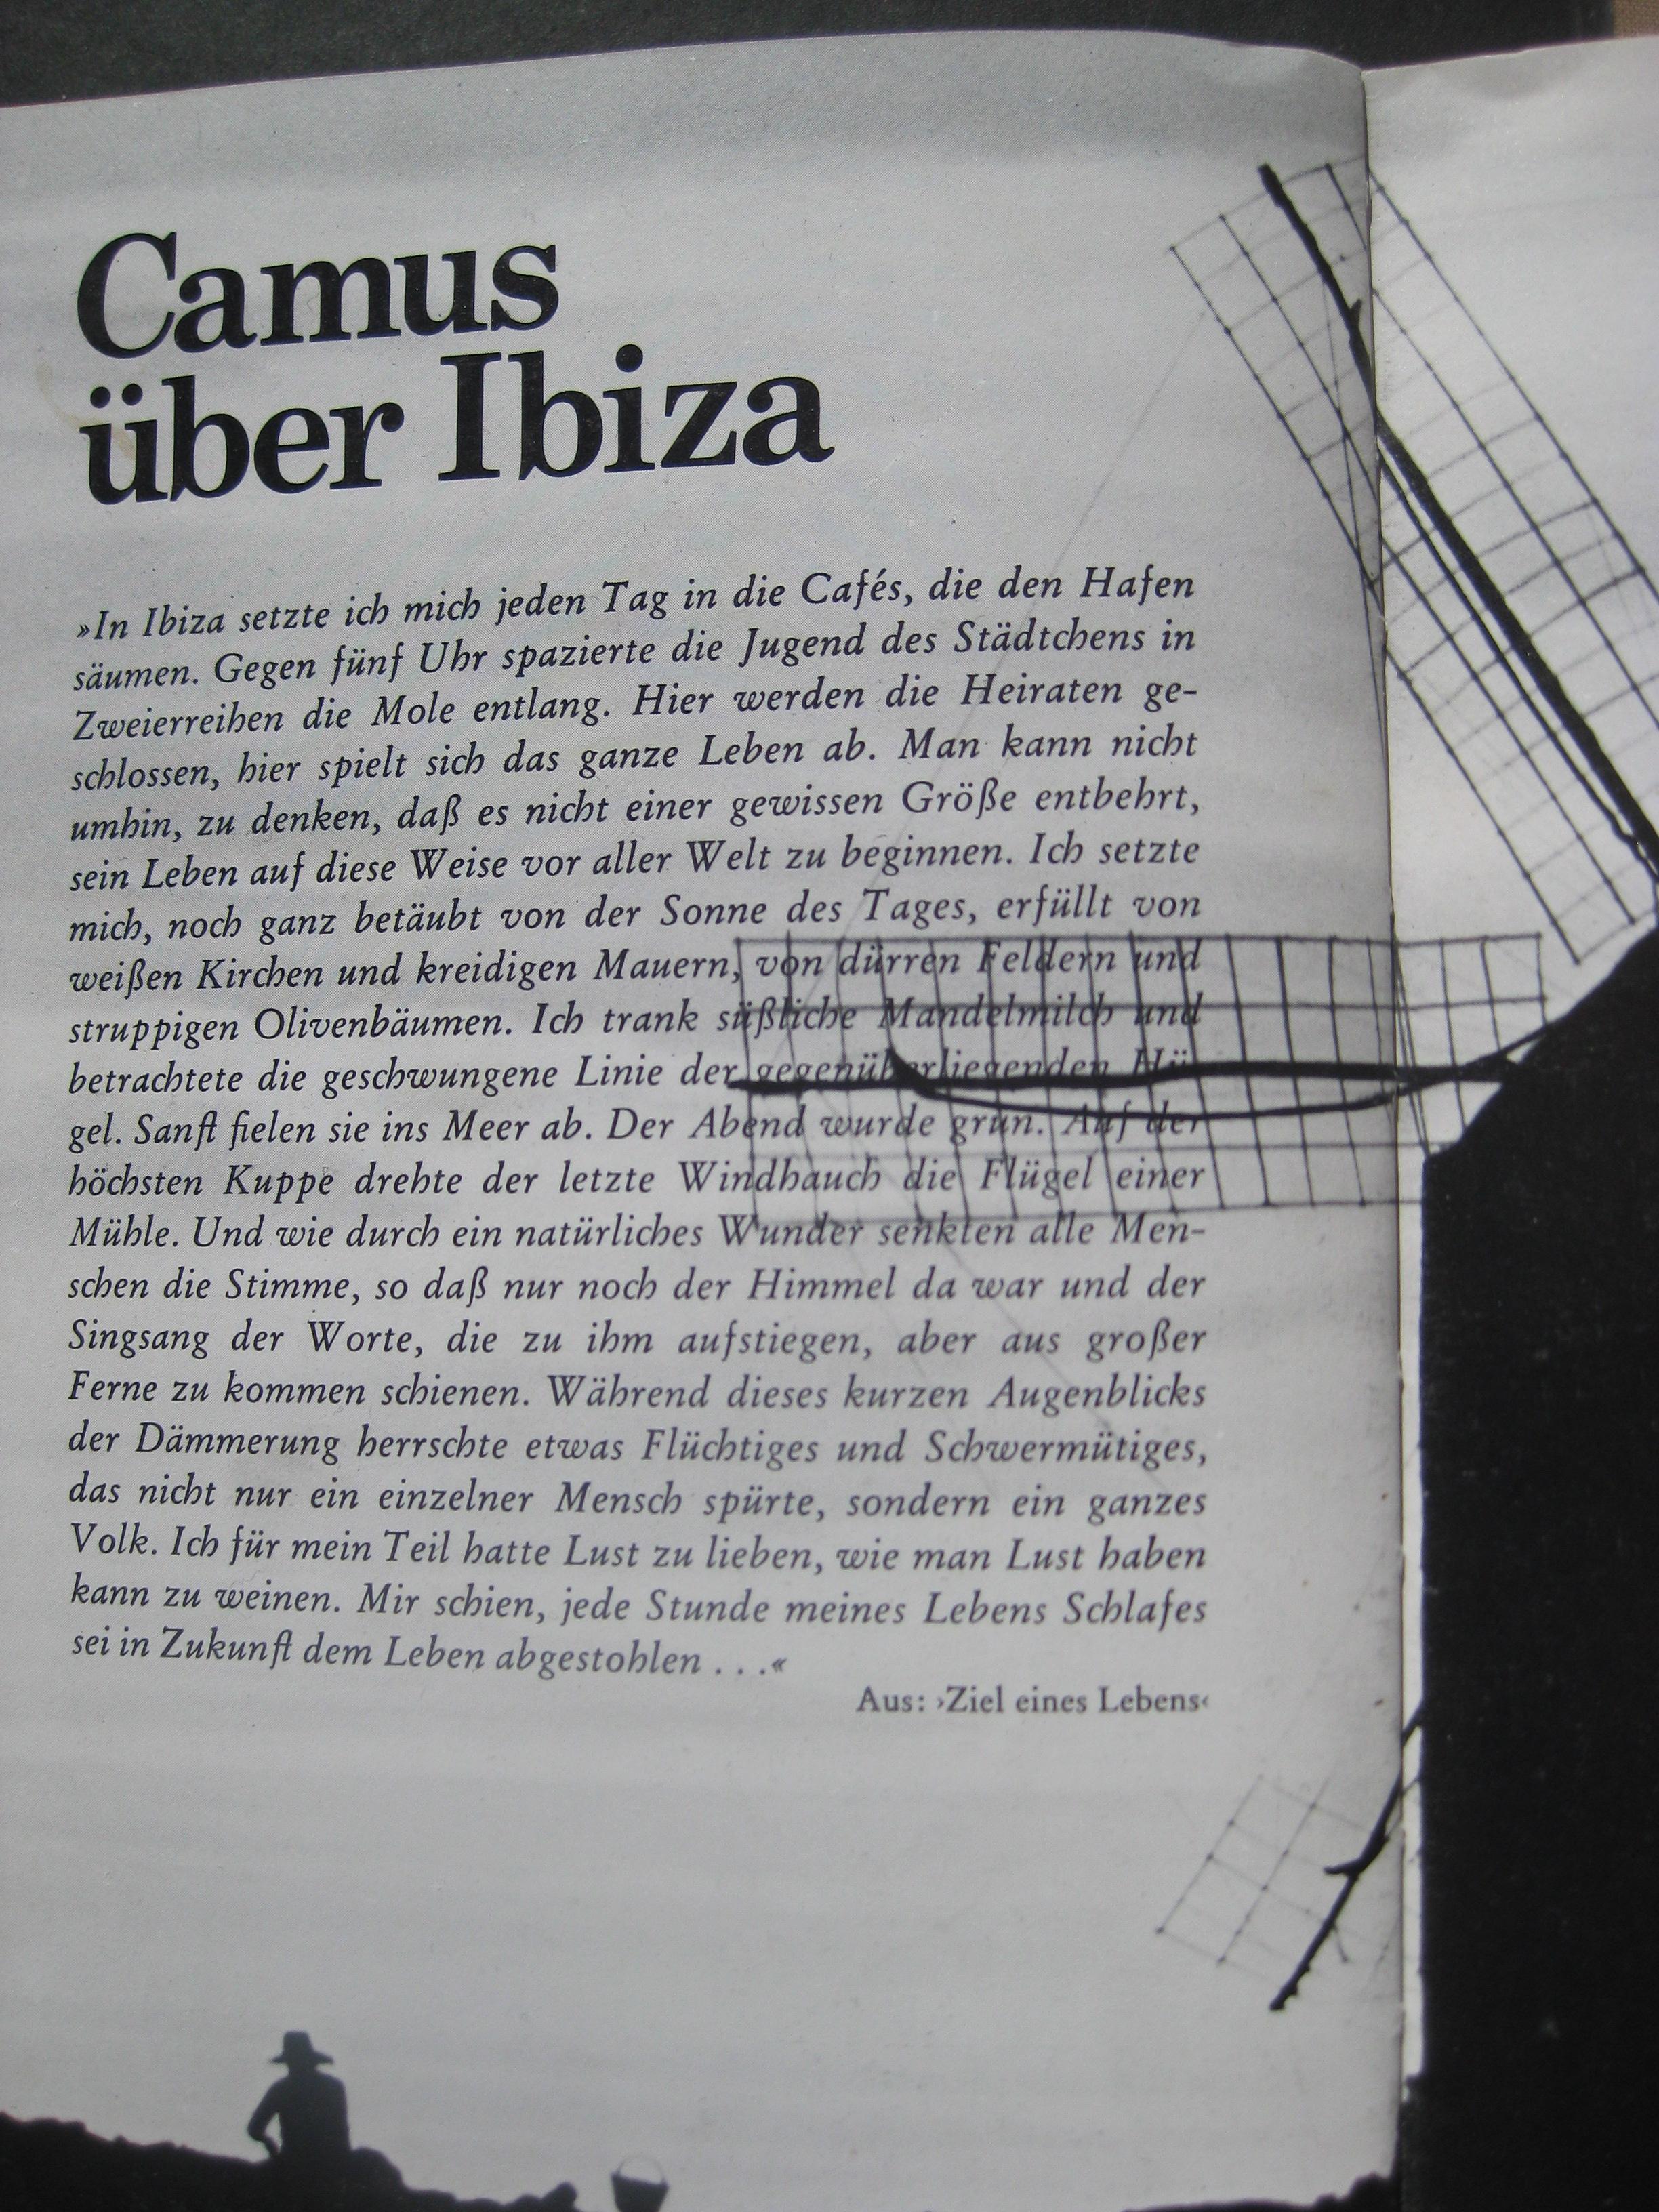 Camus über Ibiza.jpg 138